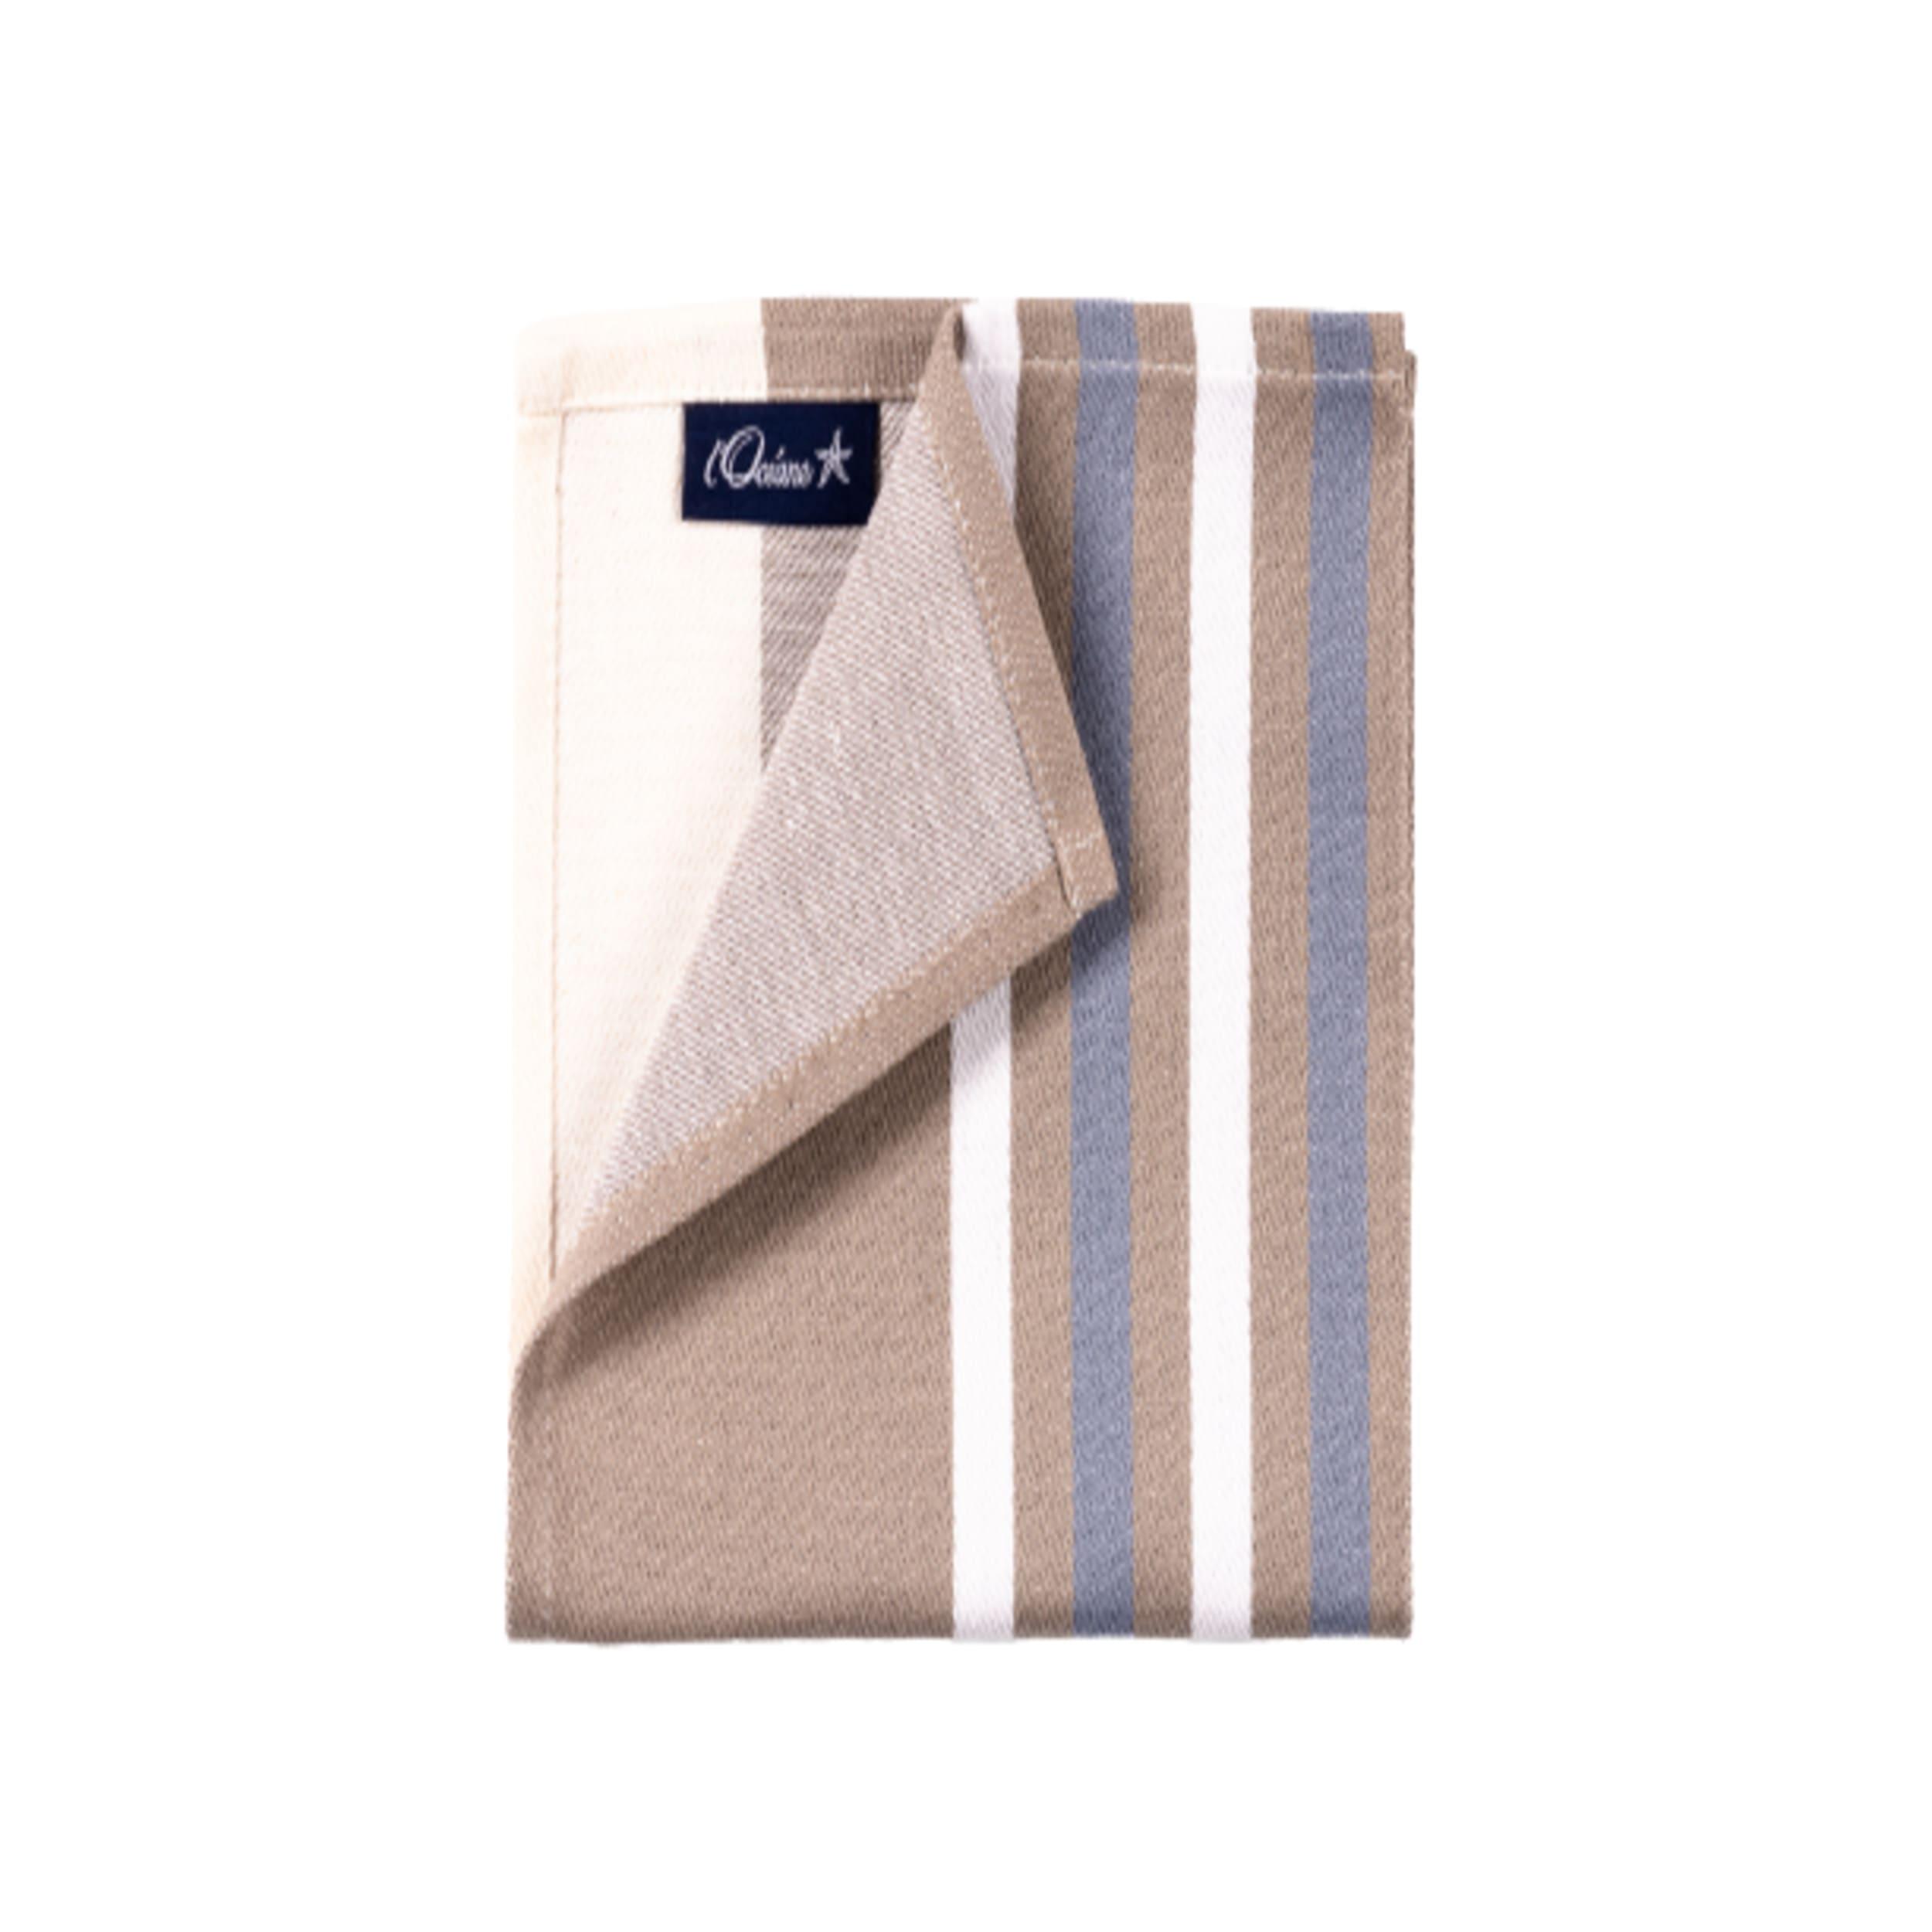 1 lot de 6 serviettes de table 100% coton de satin bleu 50 x 50 cm